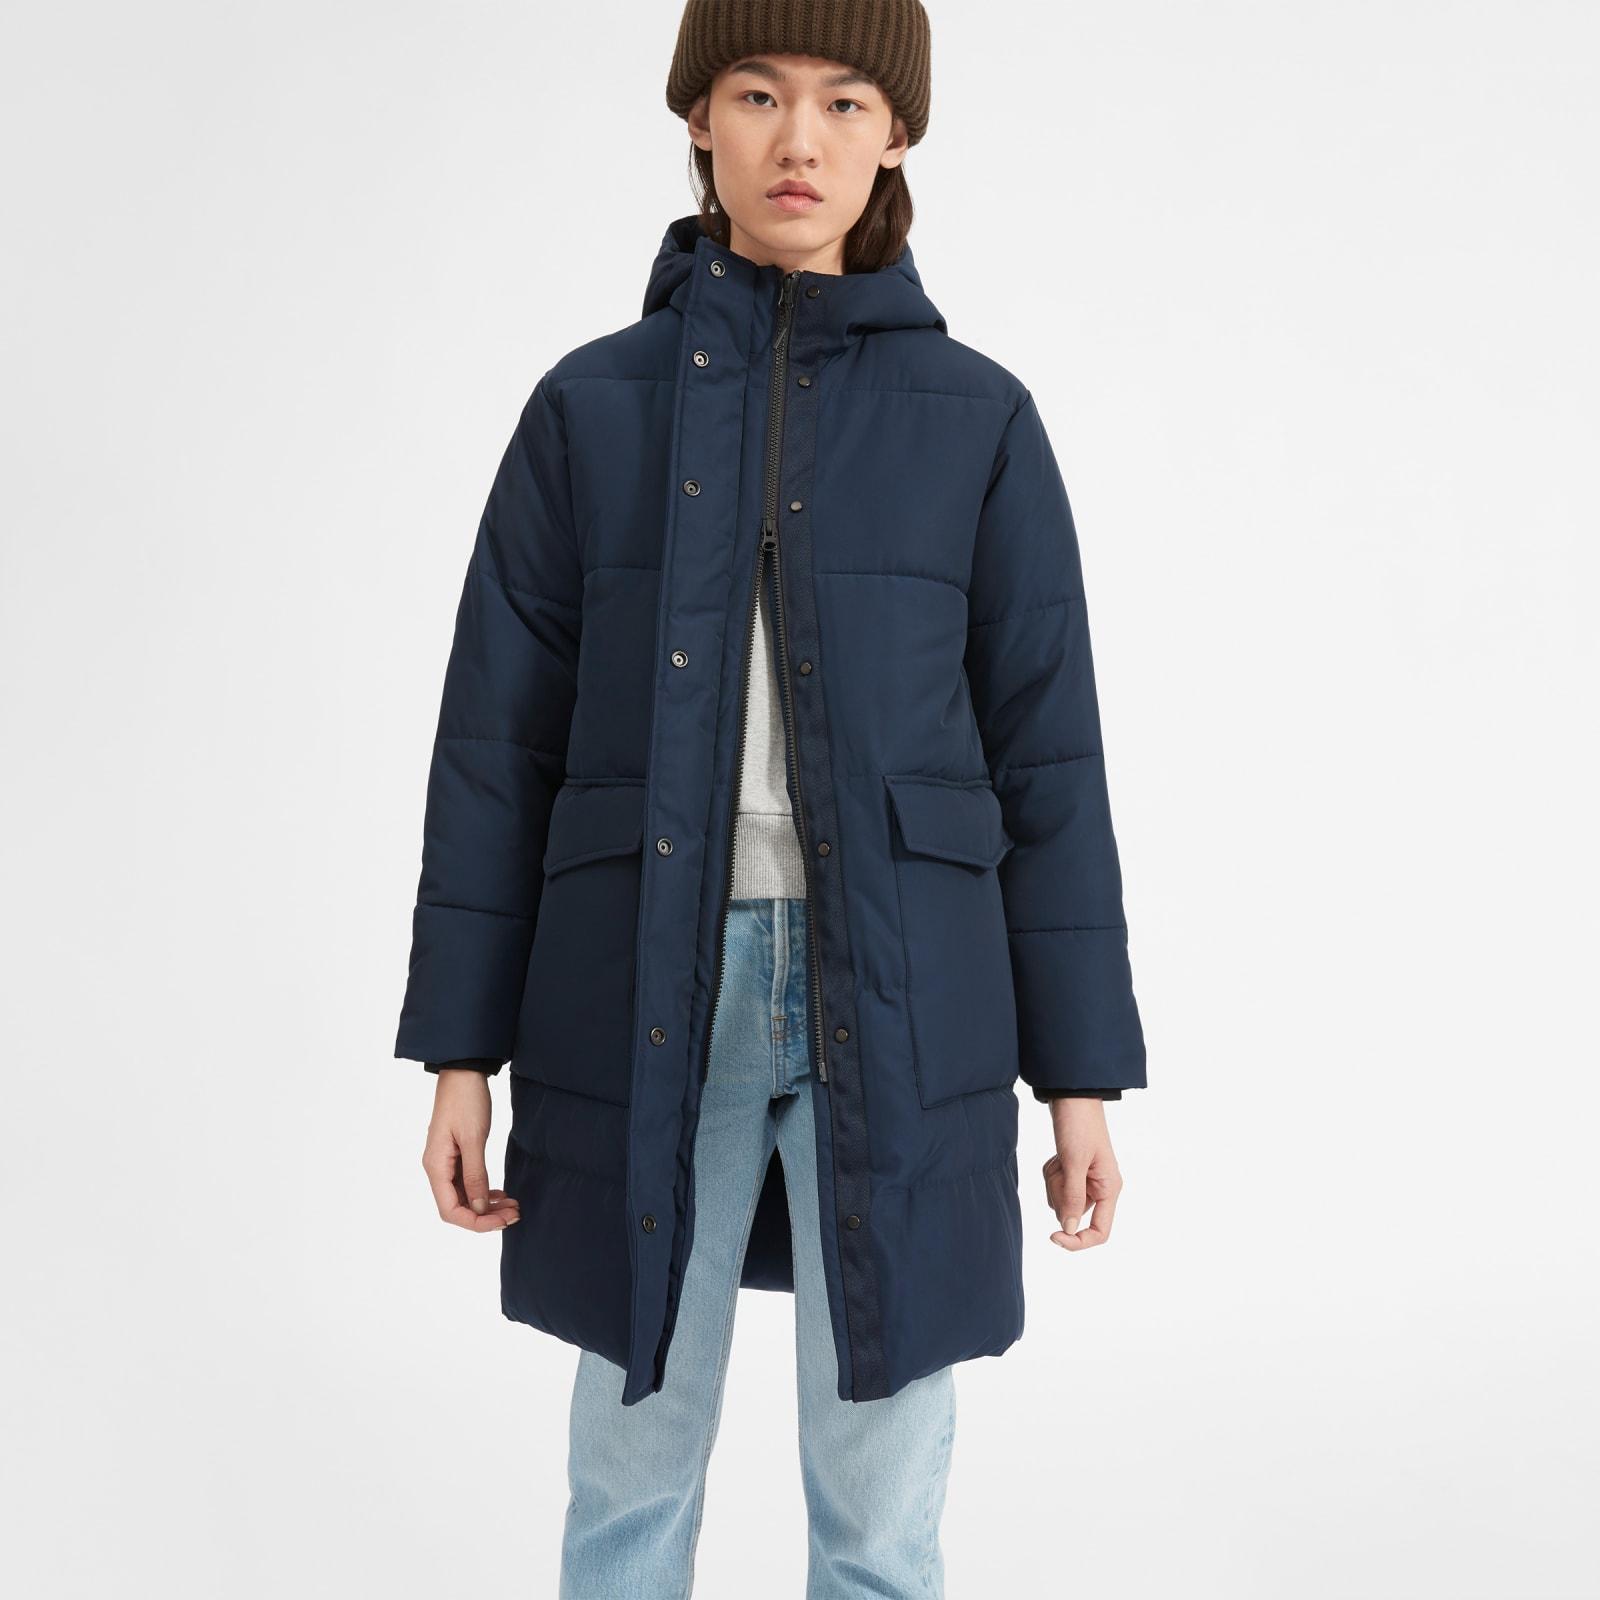 women's renew long puffer coat by everlane in true navy, size xxs